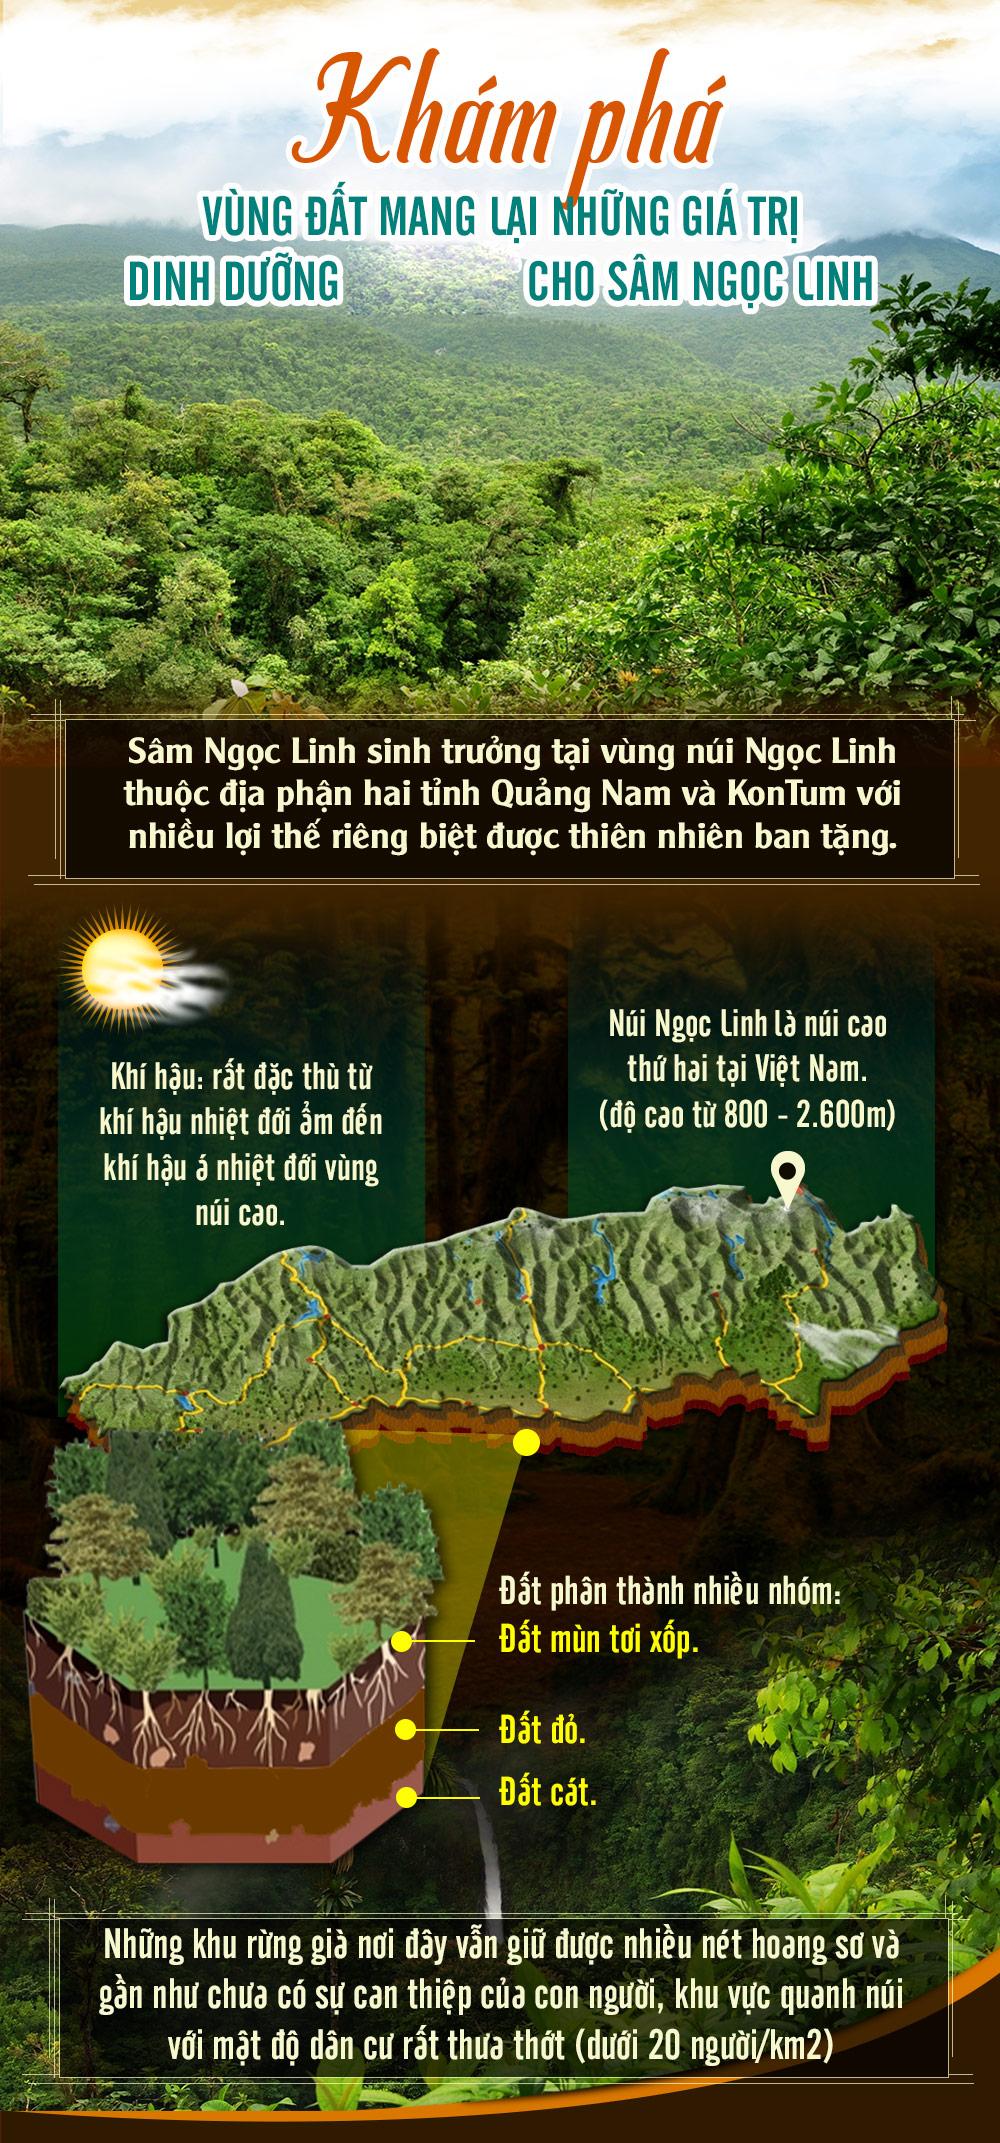 Củ sâm ngọc linh núi tự nhiên